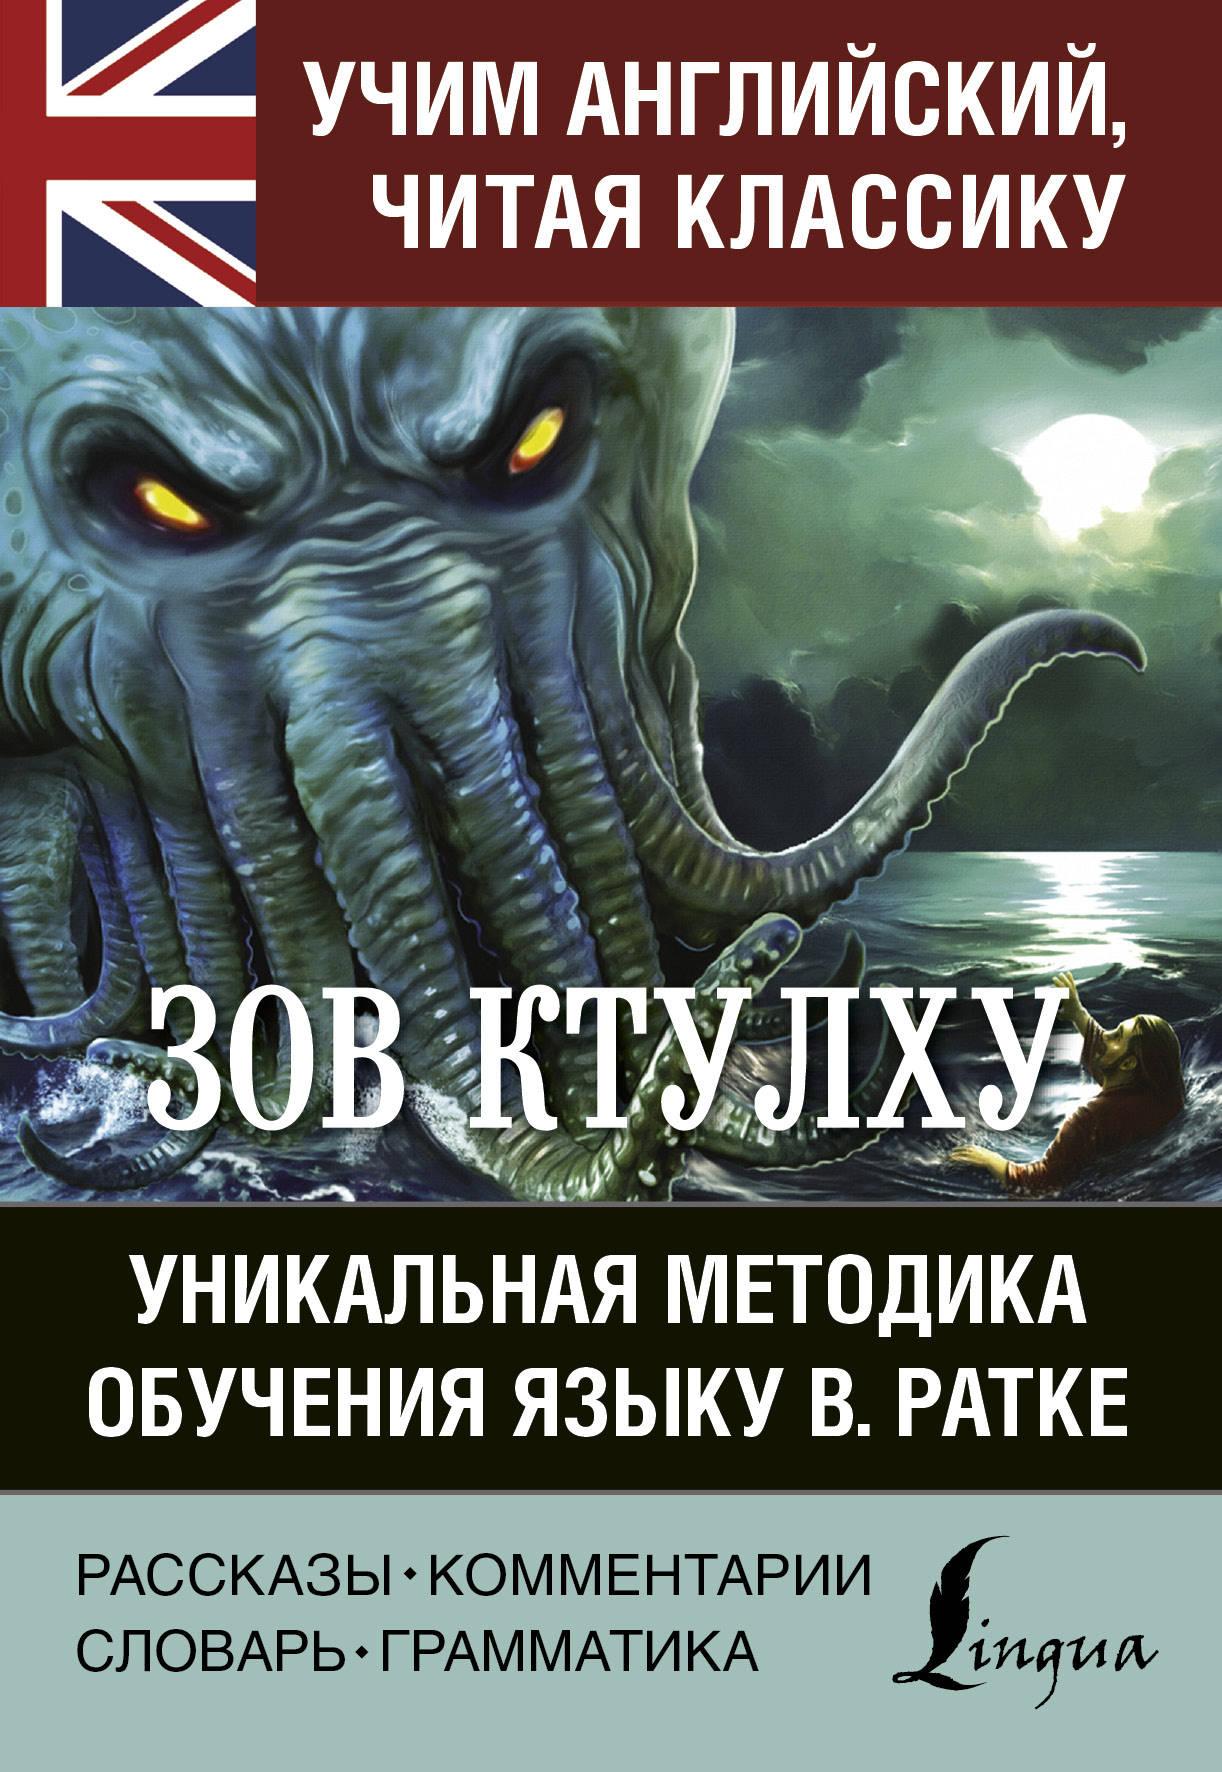 Zakazat.ru: Зов Ктулху. Хребты безумия. Уникальная методика обучения языку В. Ратке. Говард Лавкрафт